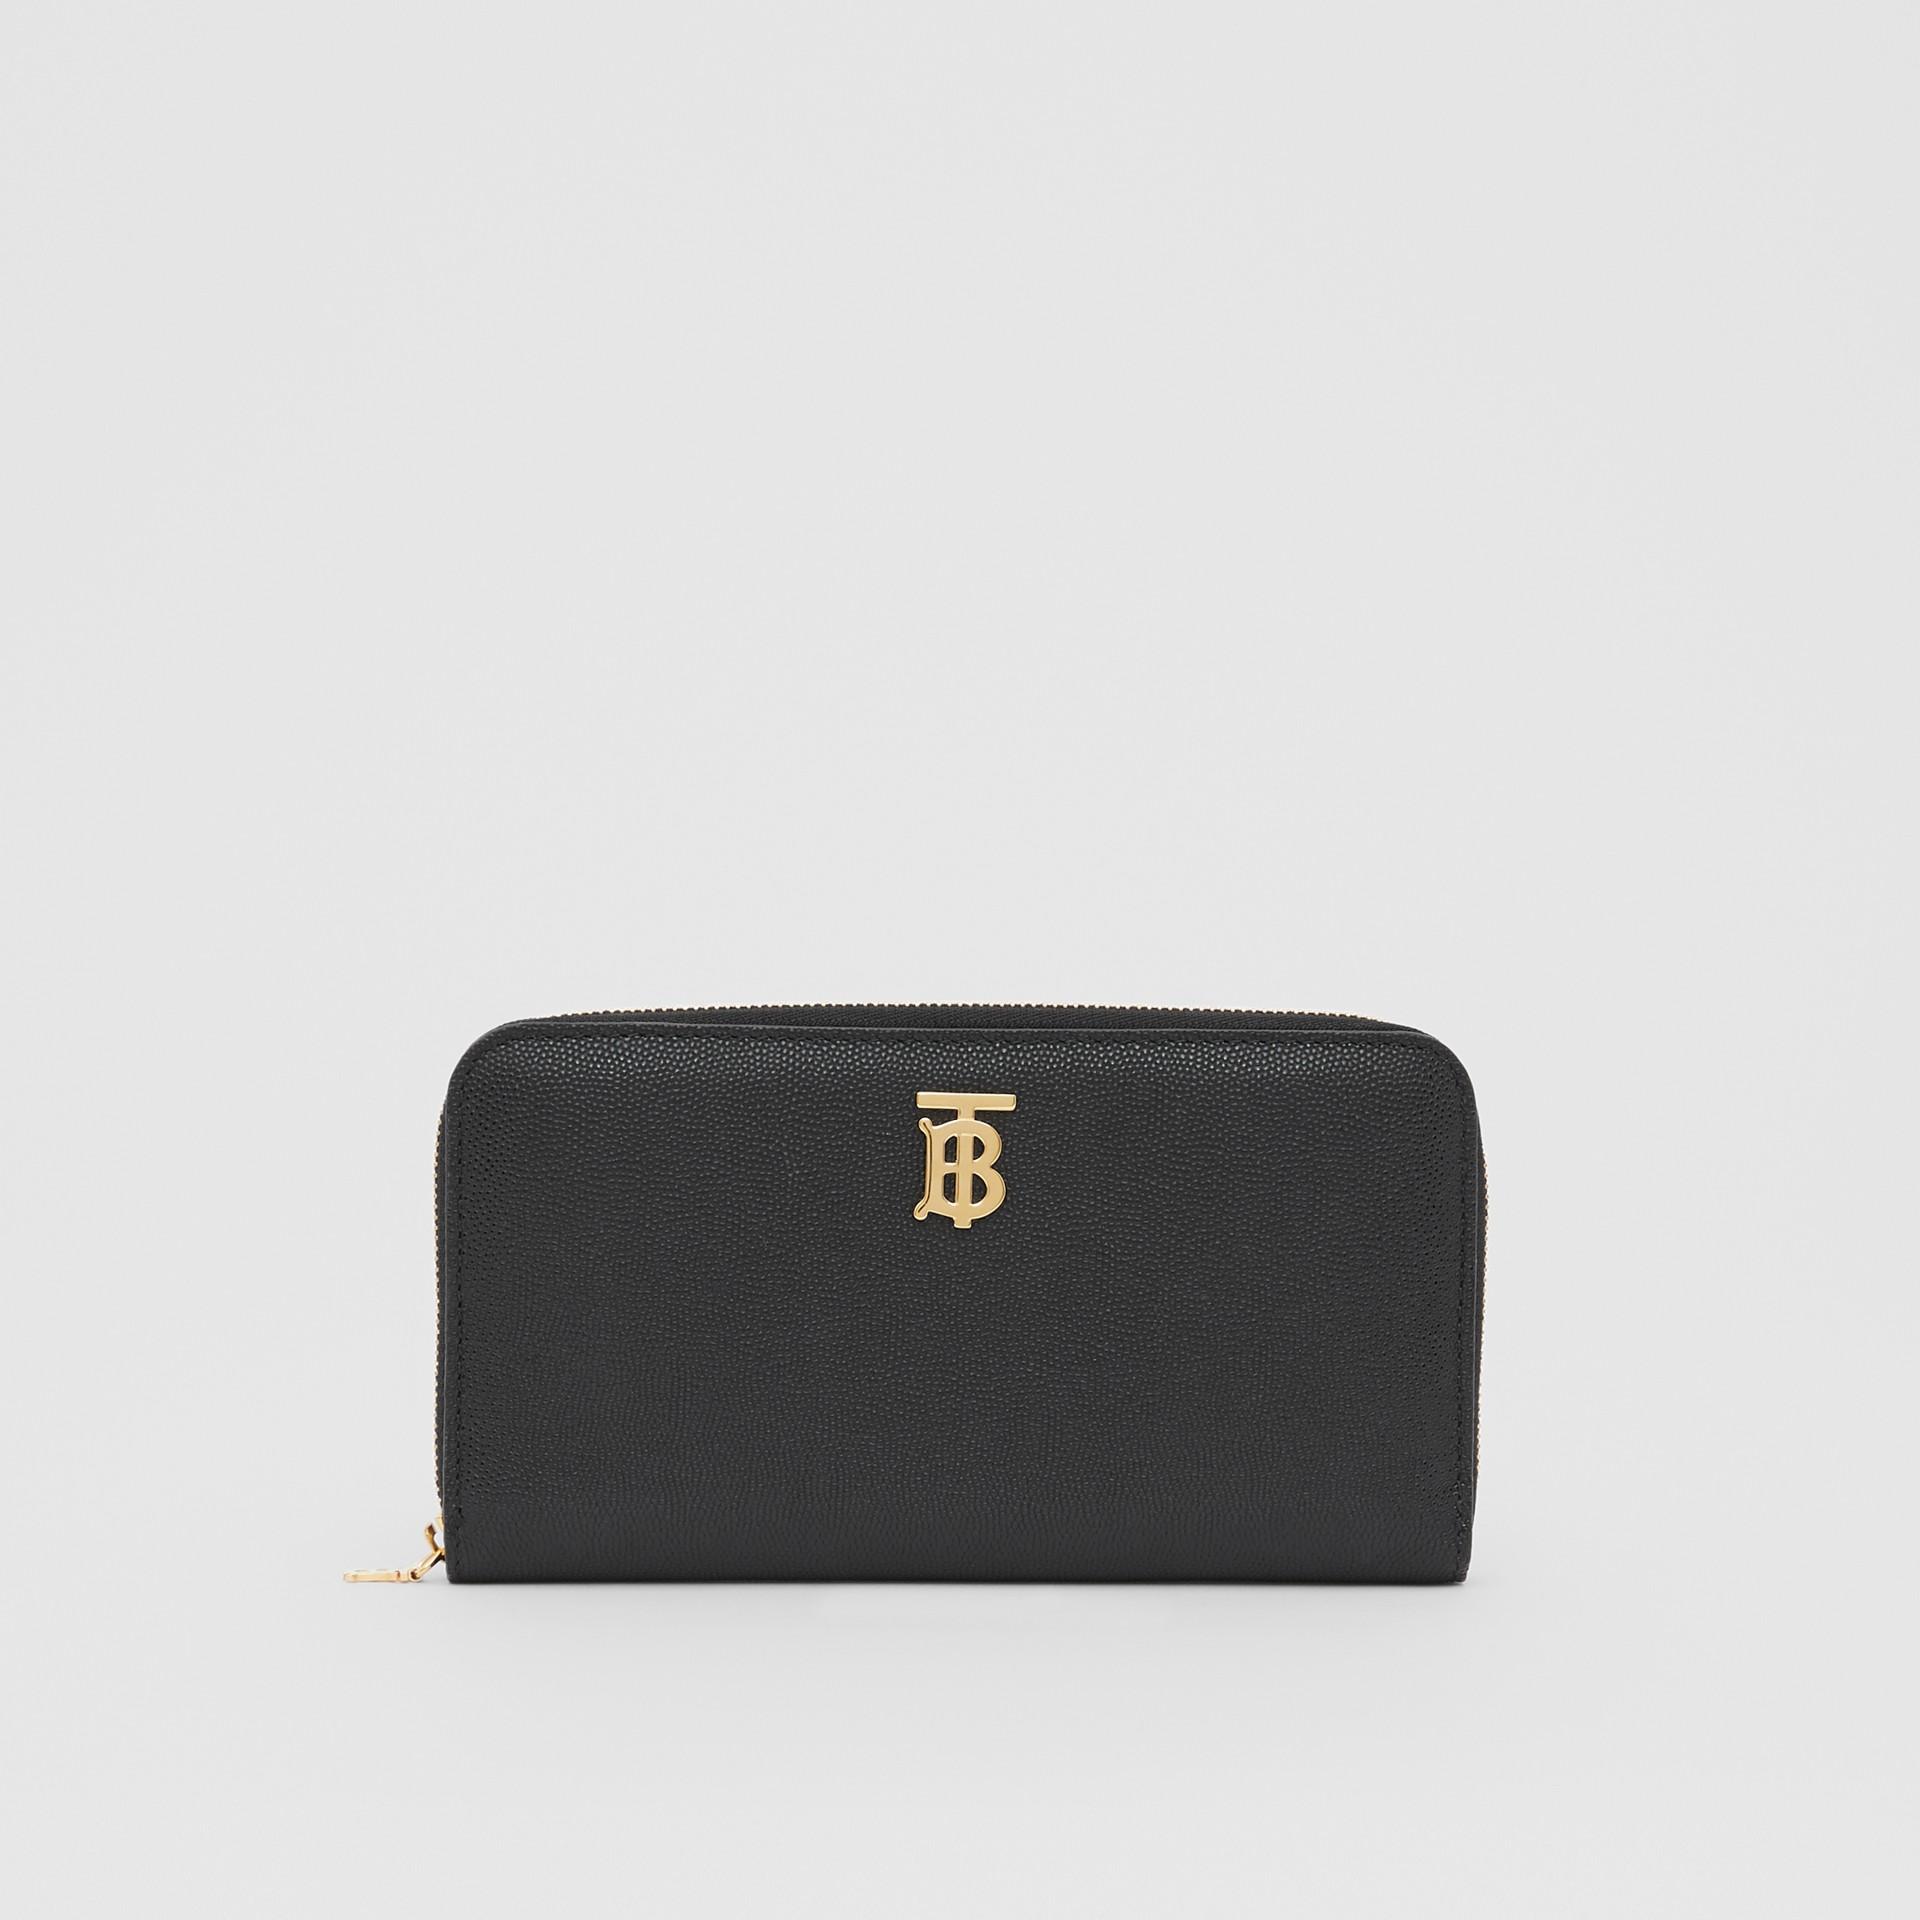 Portefeuille zippé en cuir grainé Monogram (Noir) - Femme | Burberry - photo de la galerie 0